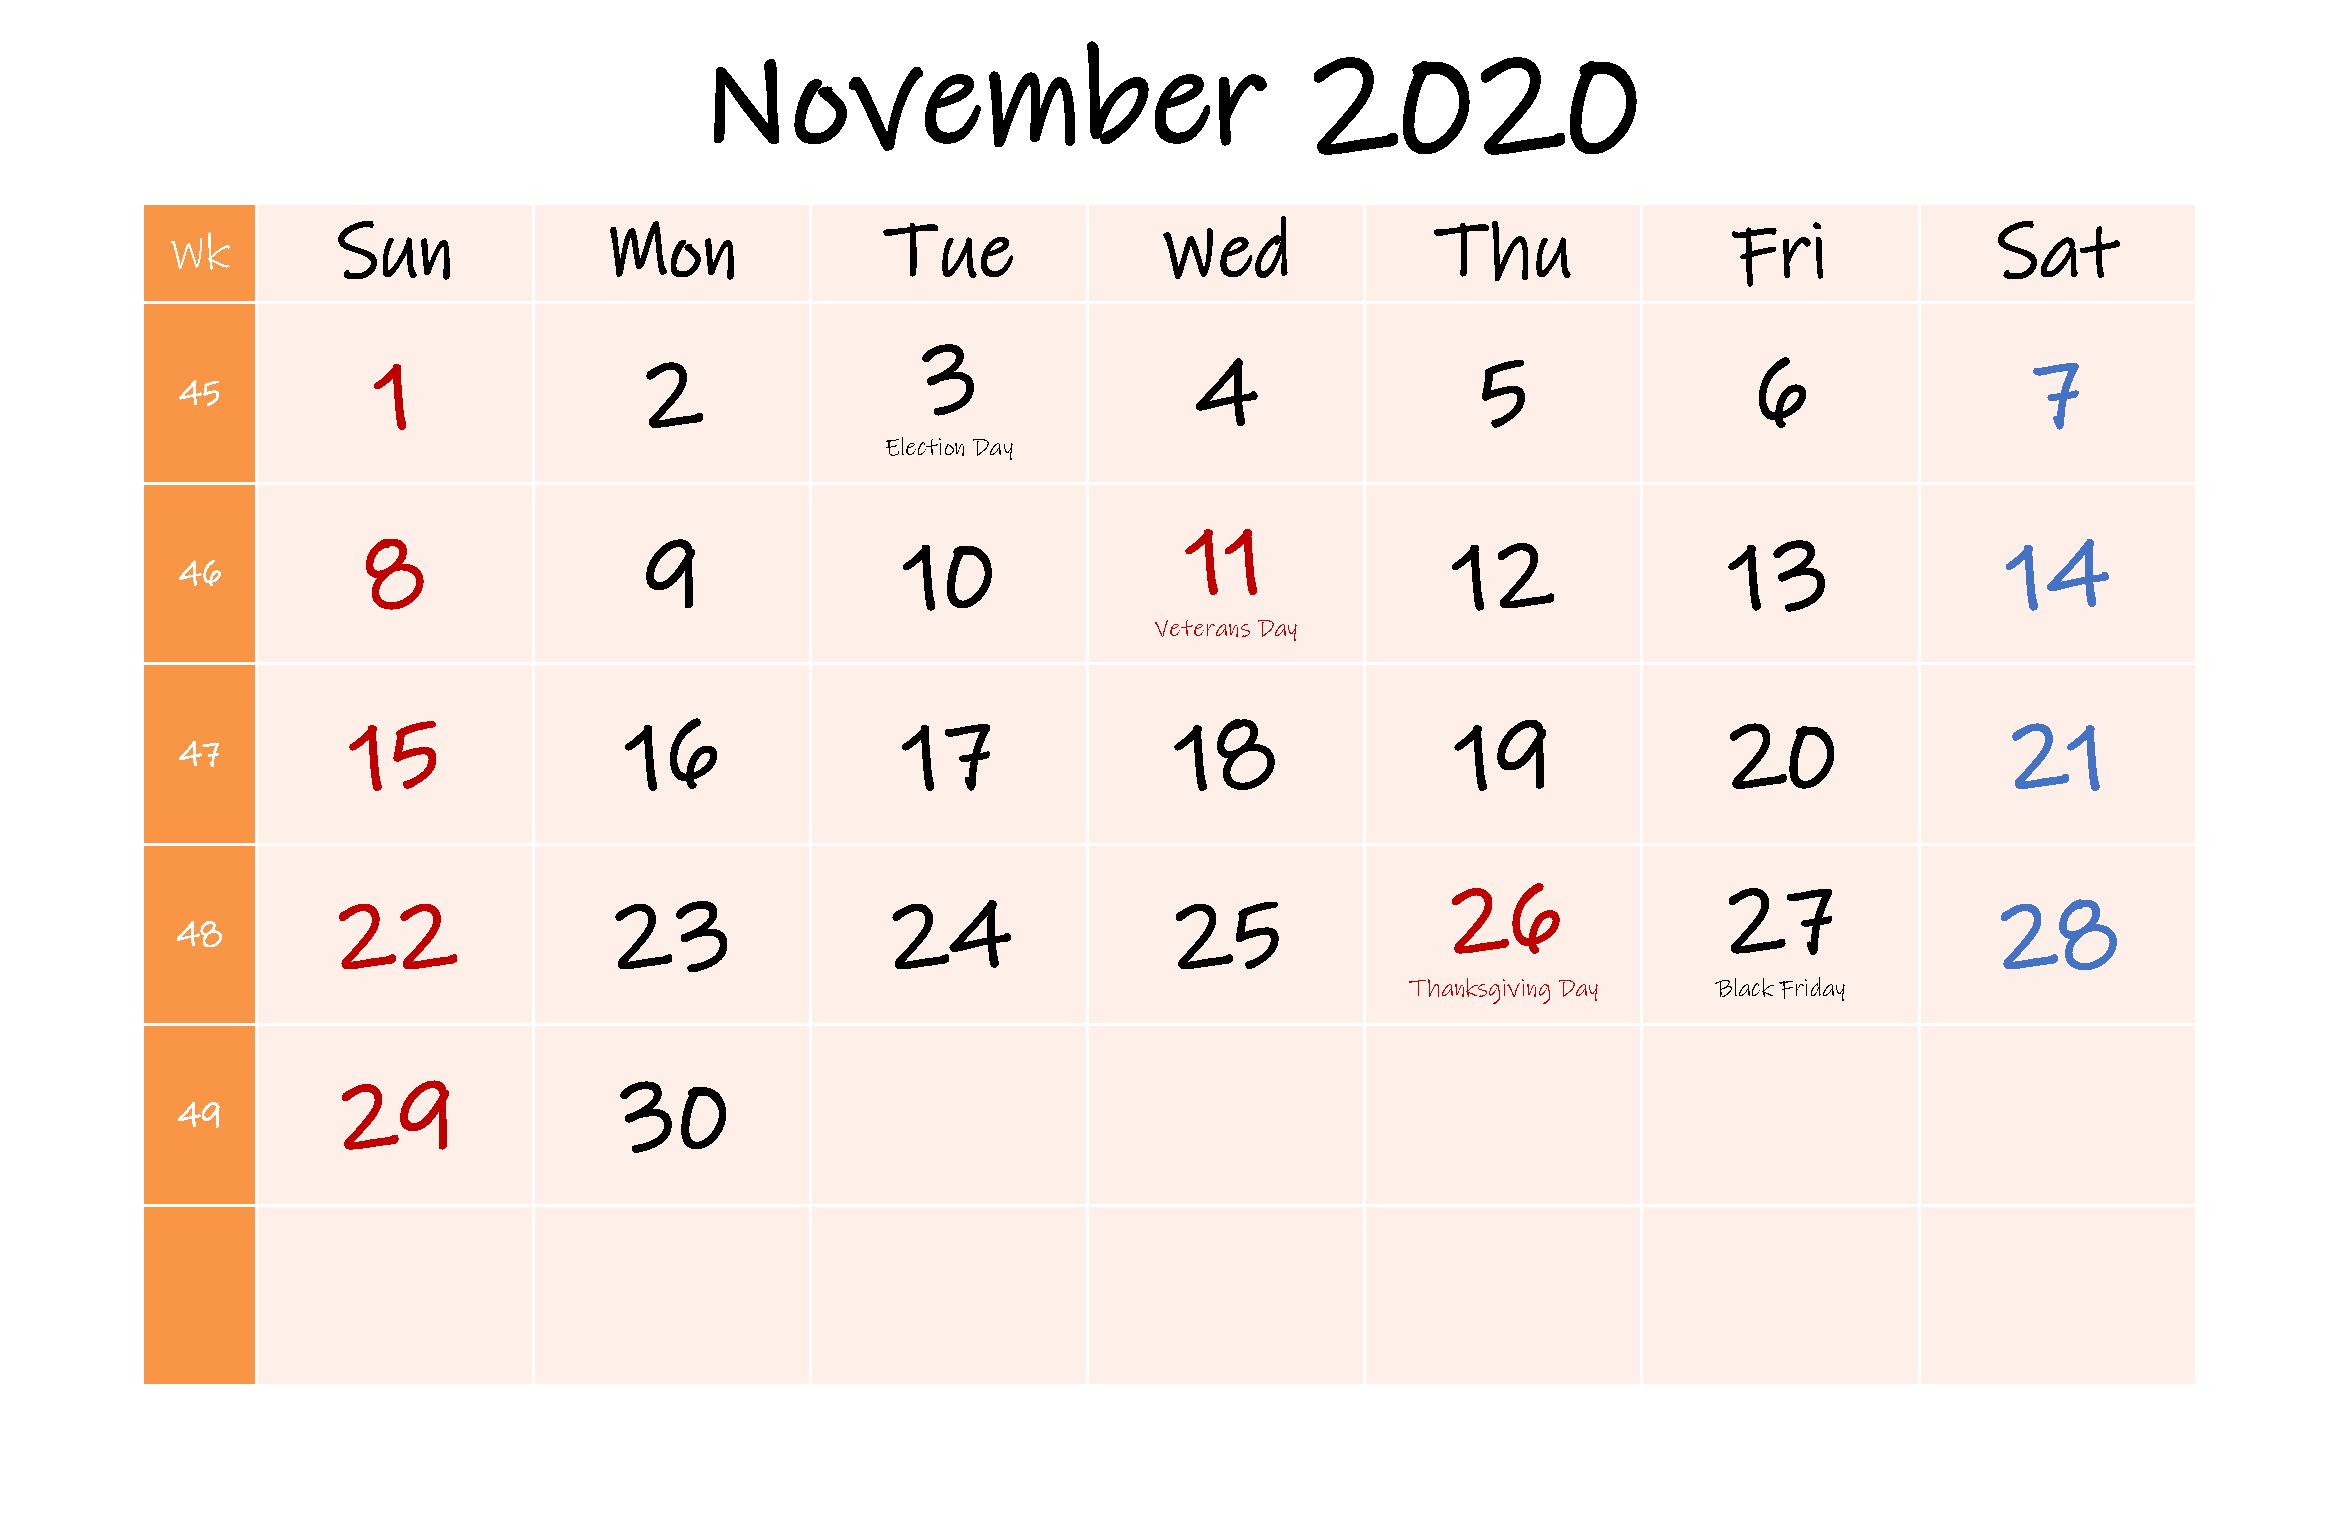 November 2020 Australia Holidays Calendar